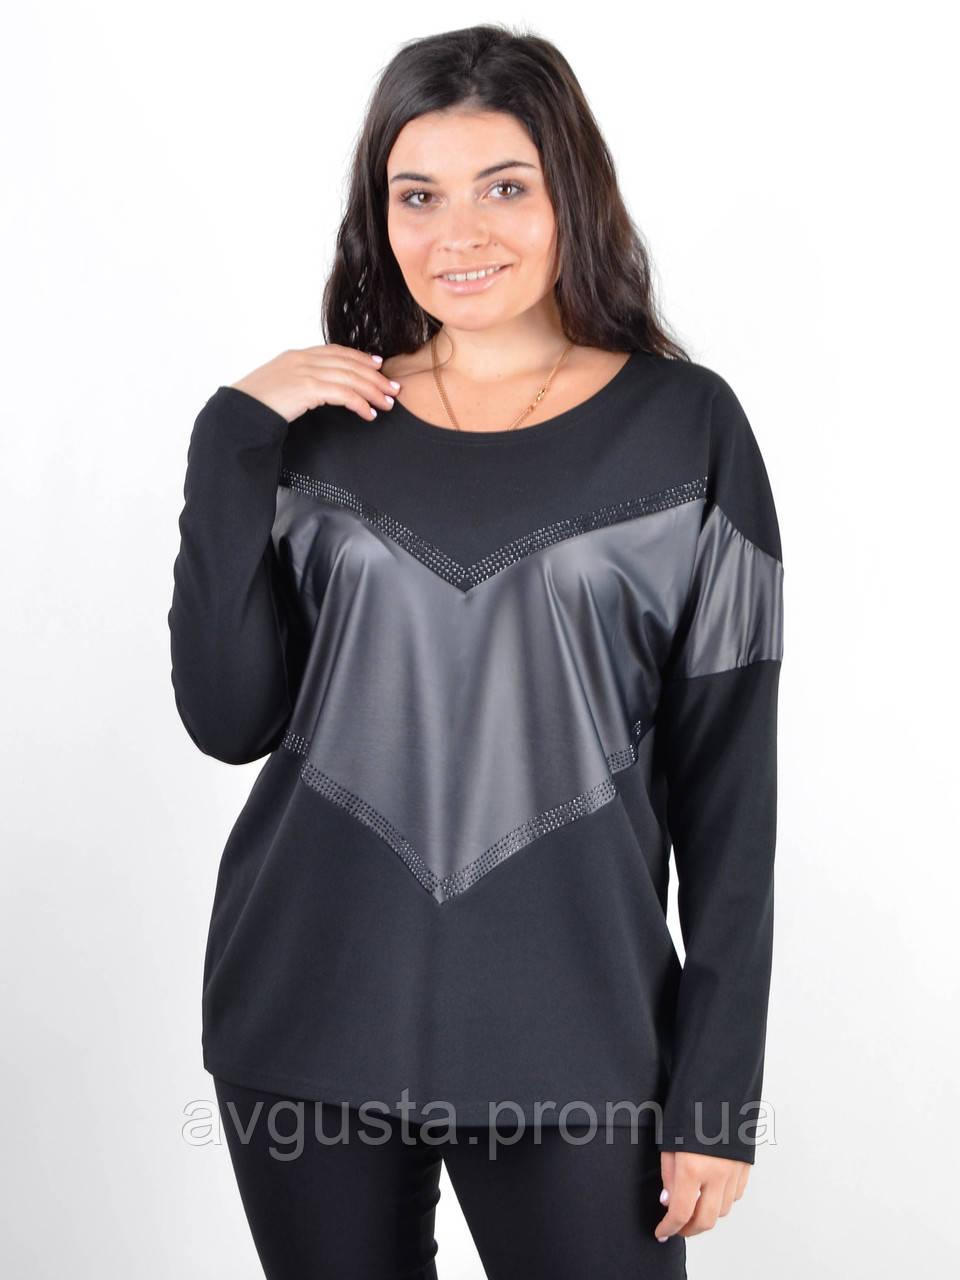 Сангрія. Жіноча кофта з шкіряними вставками великих розмірів. Чорний.